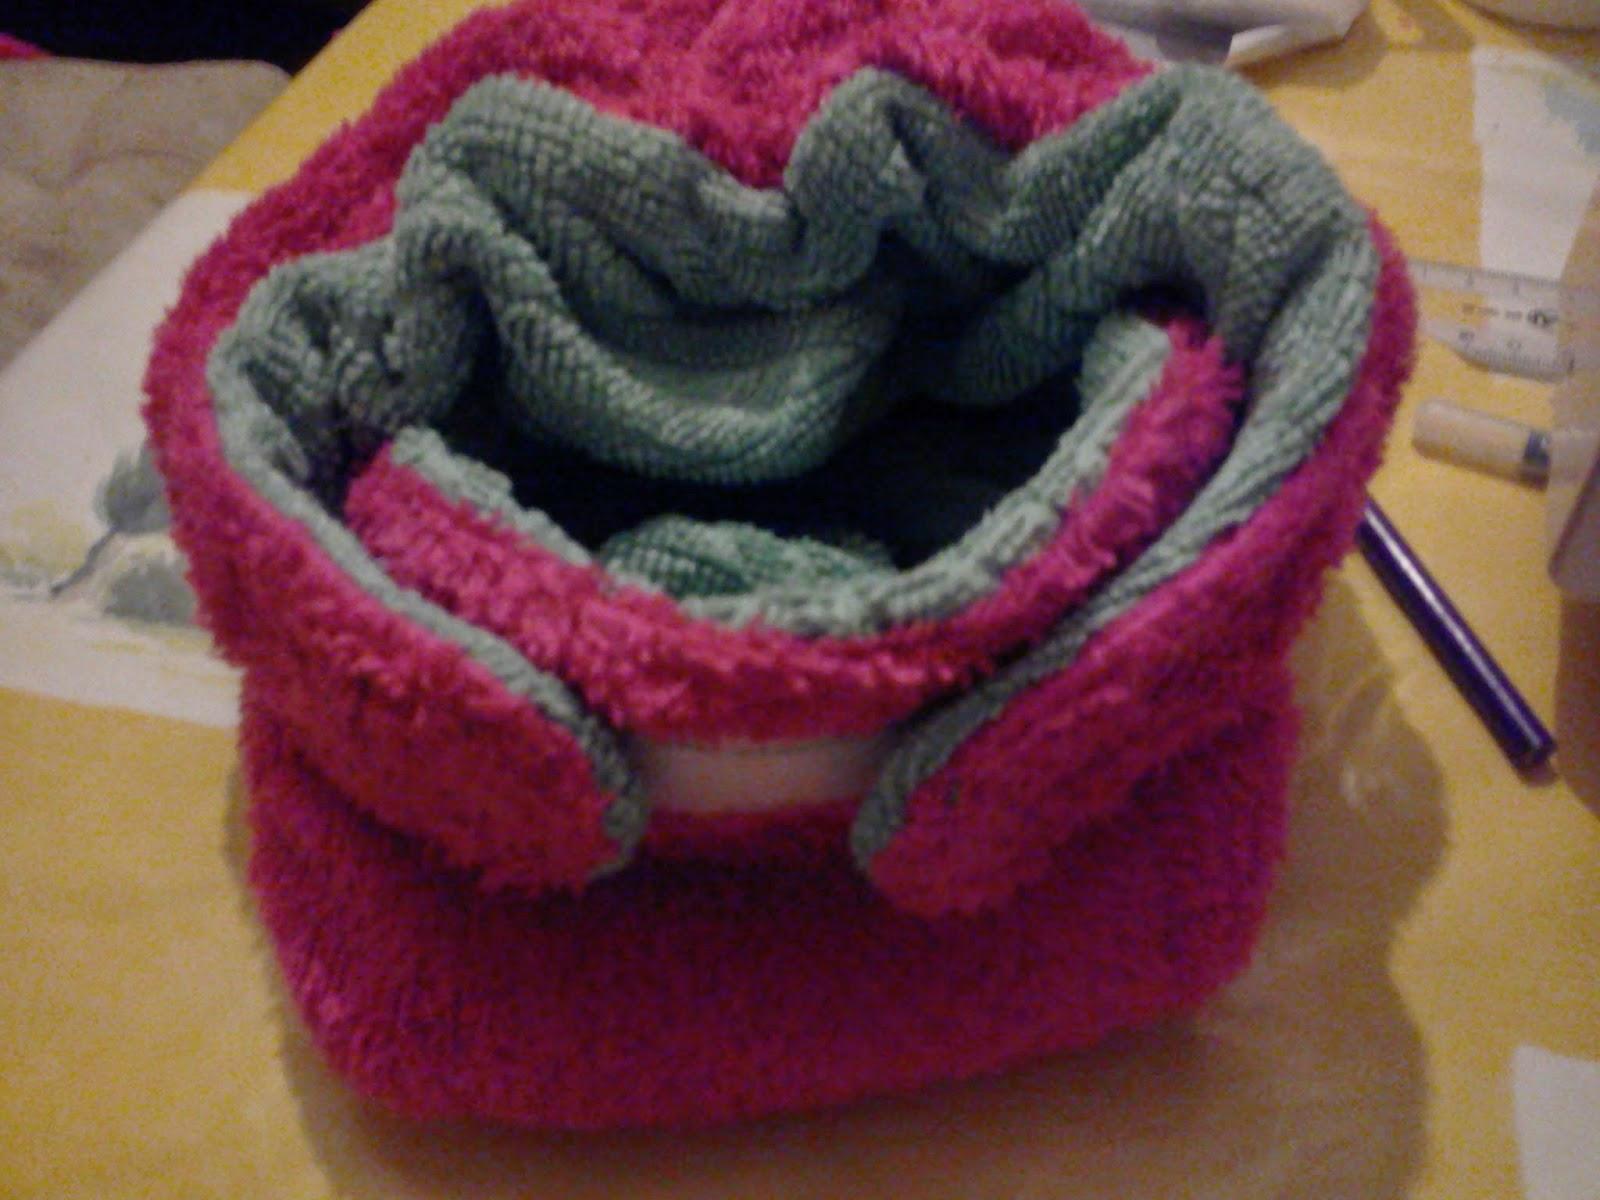 couche lavable coudre couture DIY faire